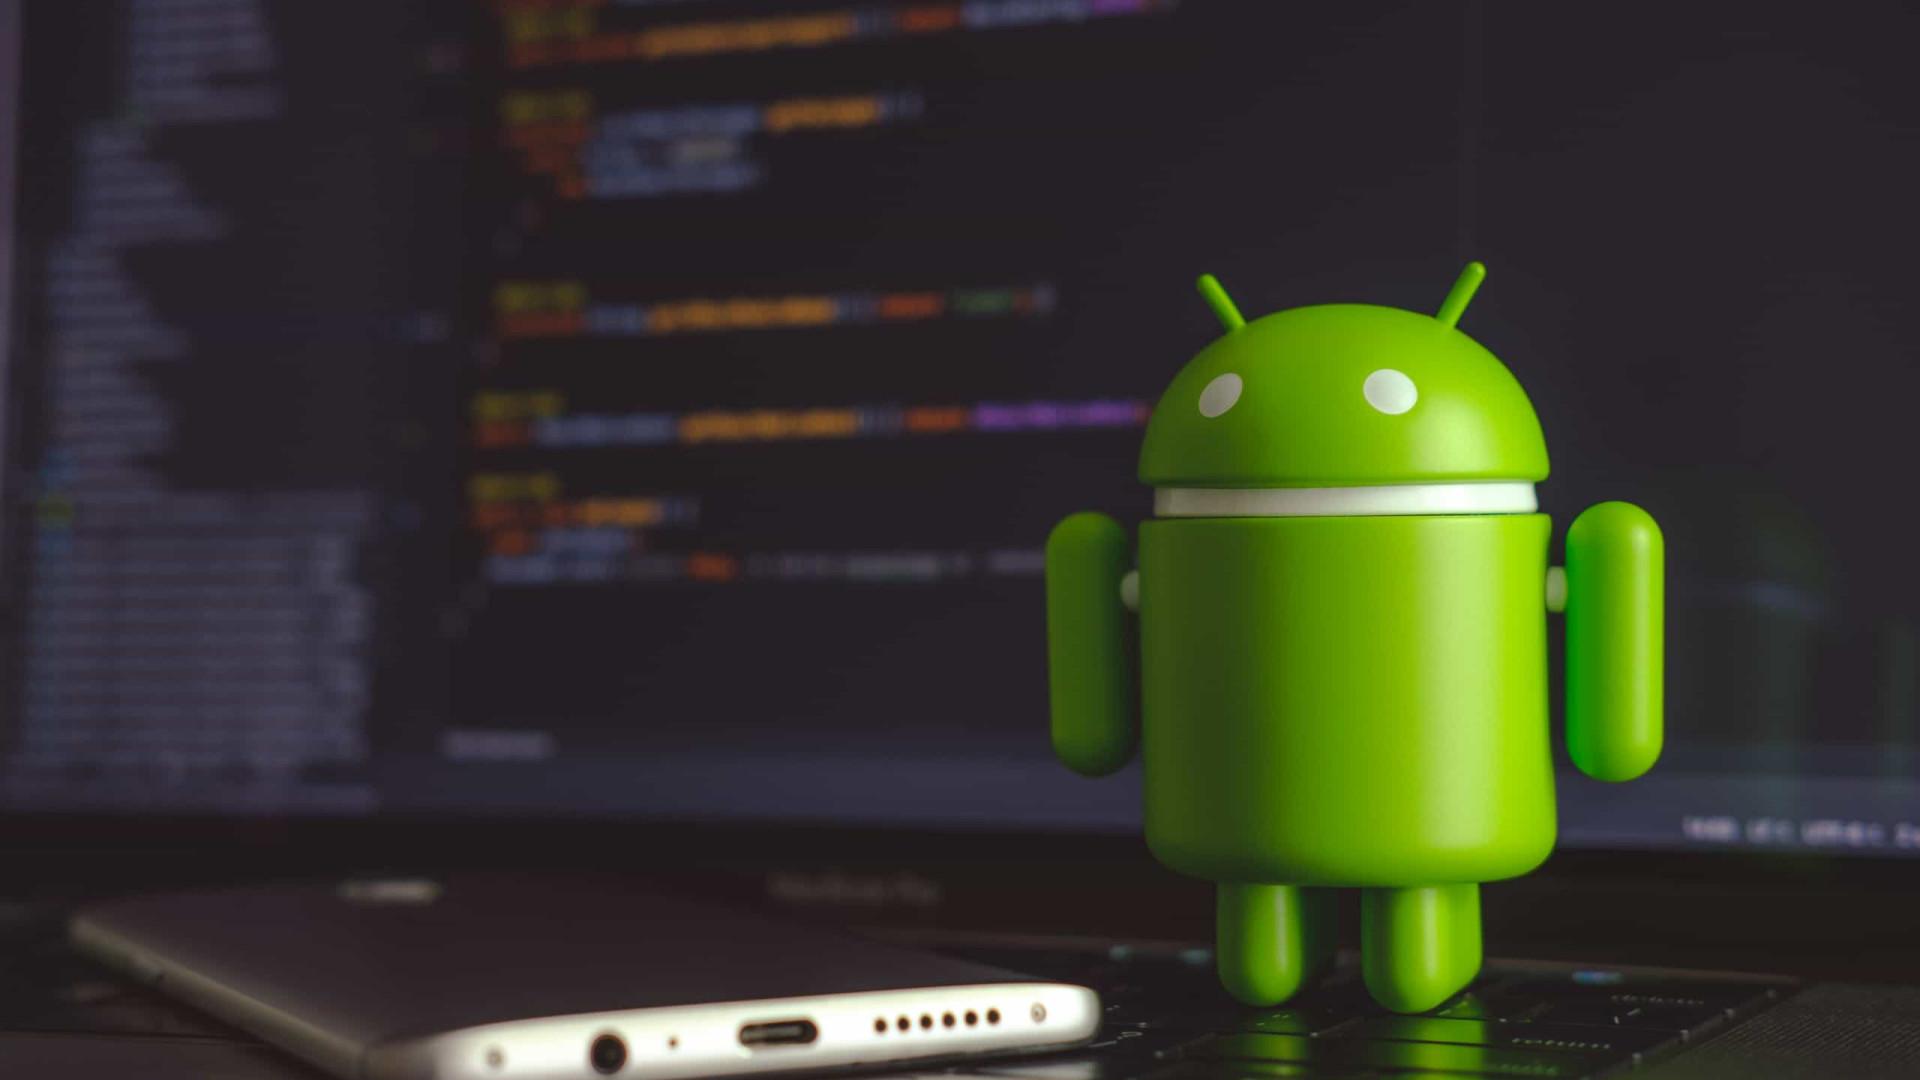 Celulares Android antigos deixarão de acessar conta Google